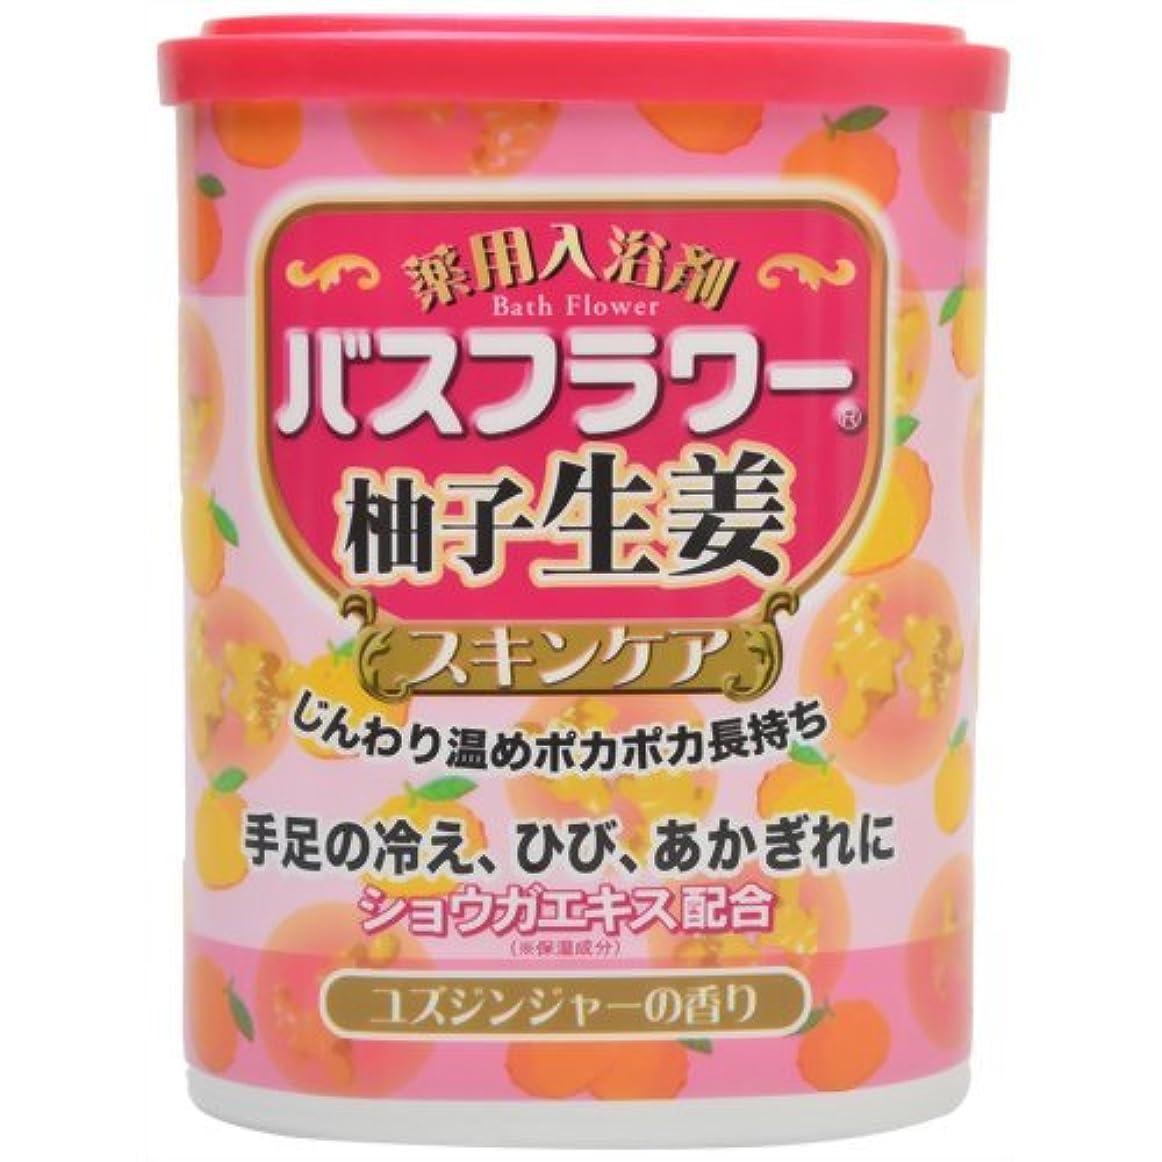 ずんぐりした観察アグネスグレイバスフラワー 薬用入浴剤スキンケア柚子生姜 680g